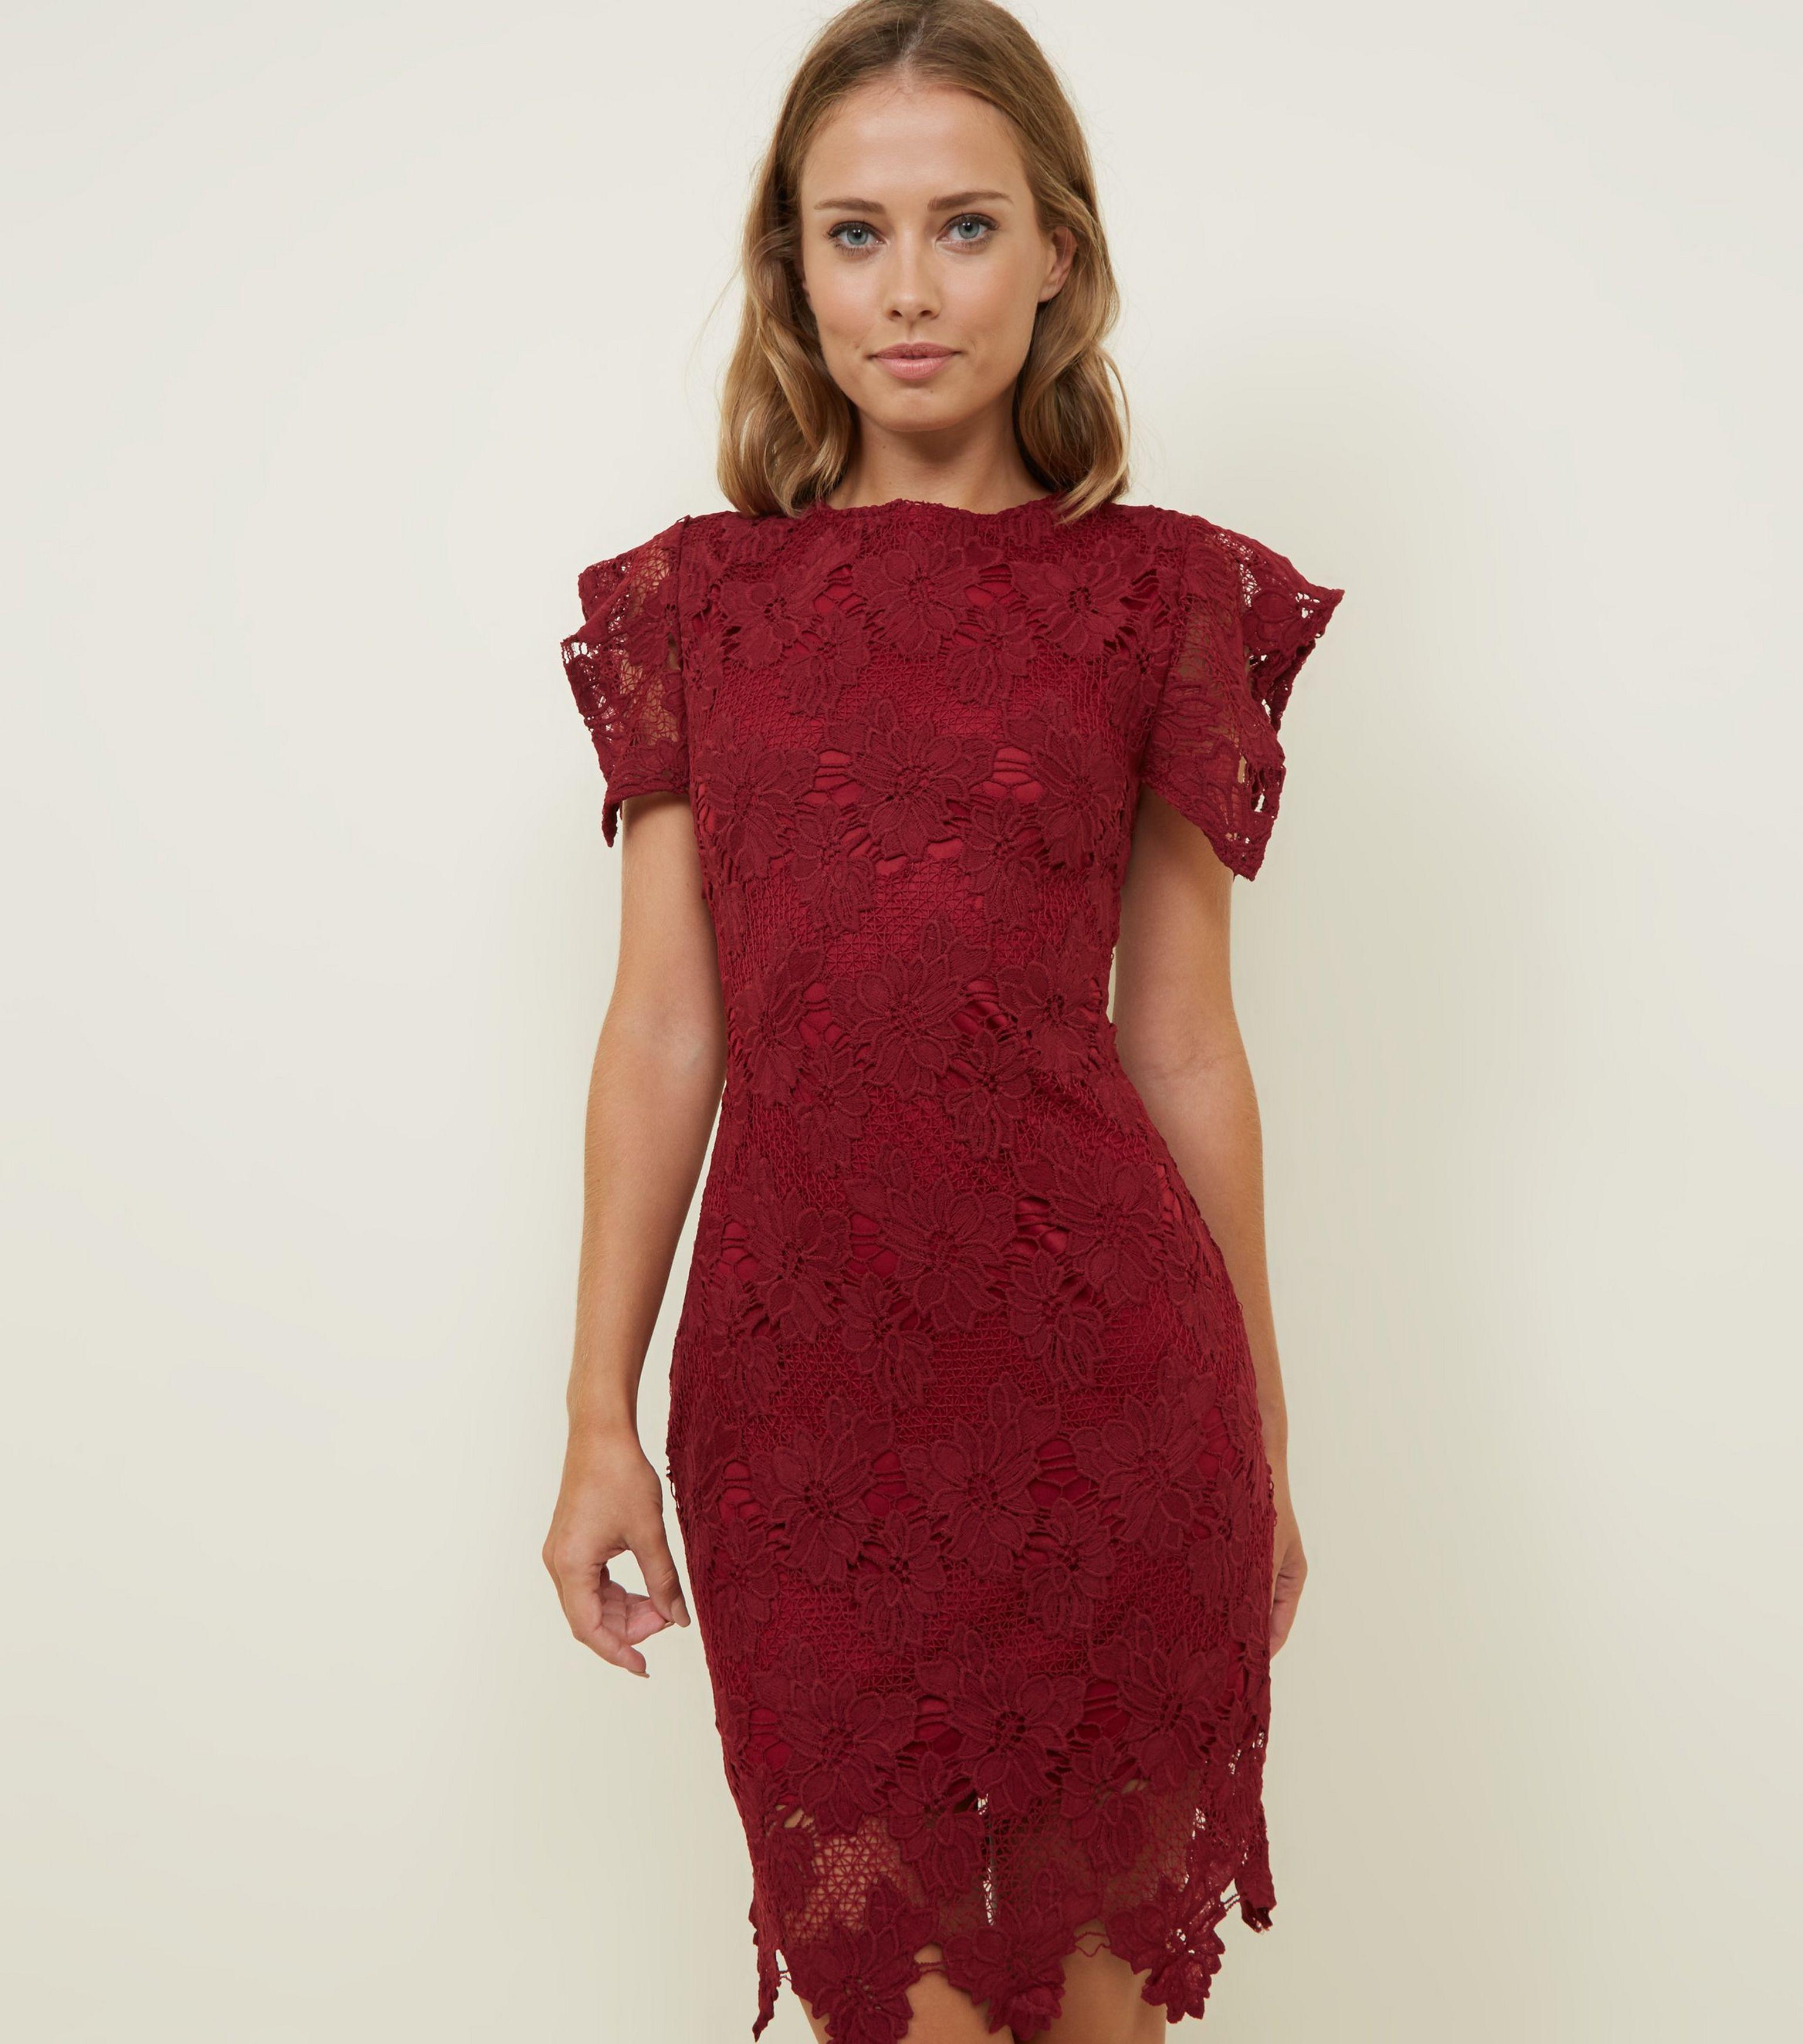 3fdda0c2ac AX Paris Burgundy Crochet Lace Bodycon Dress in Red - Lyst